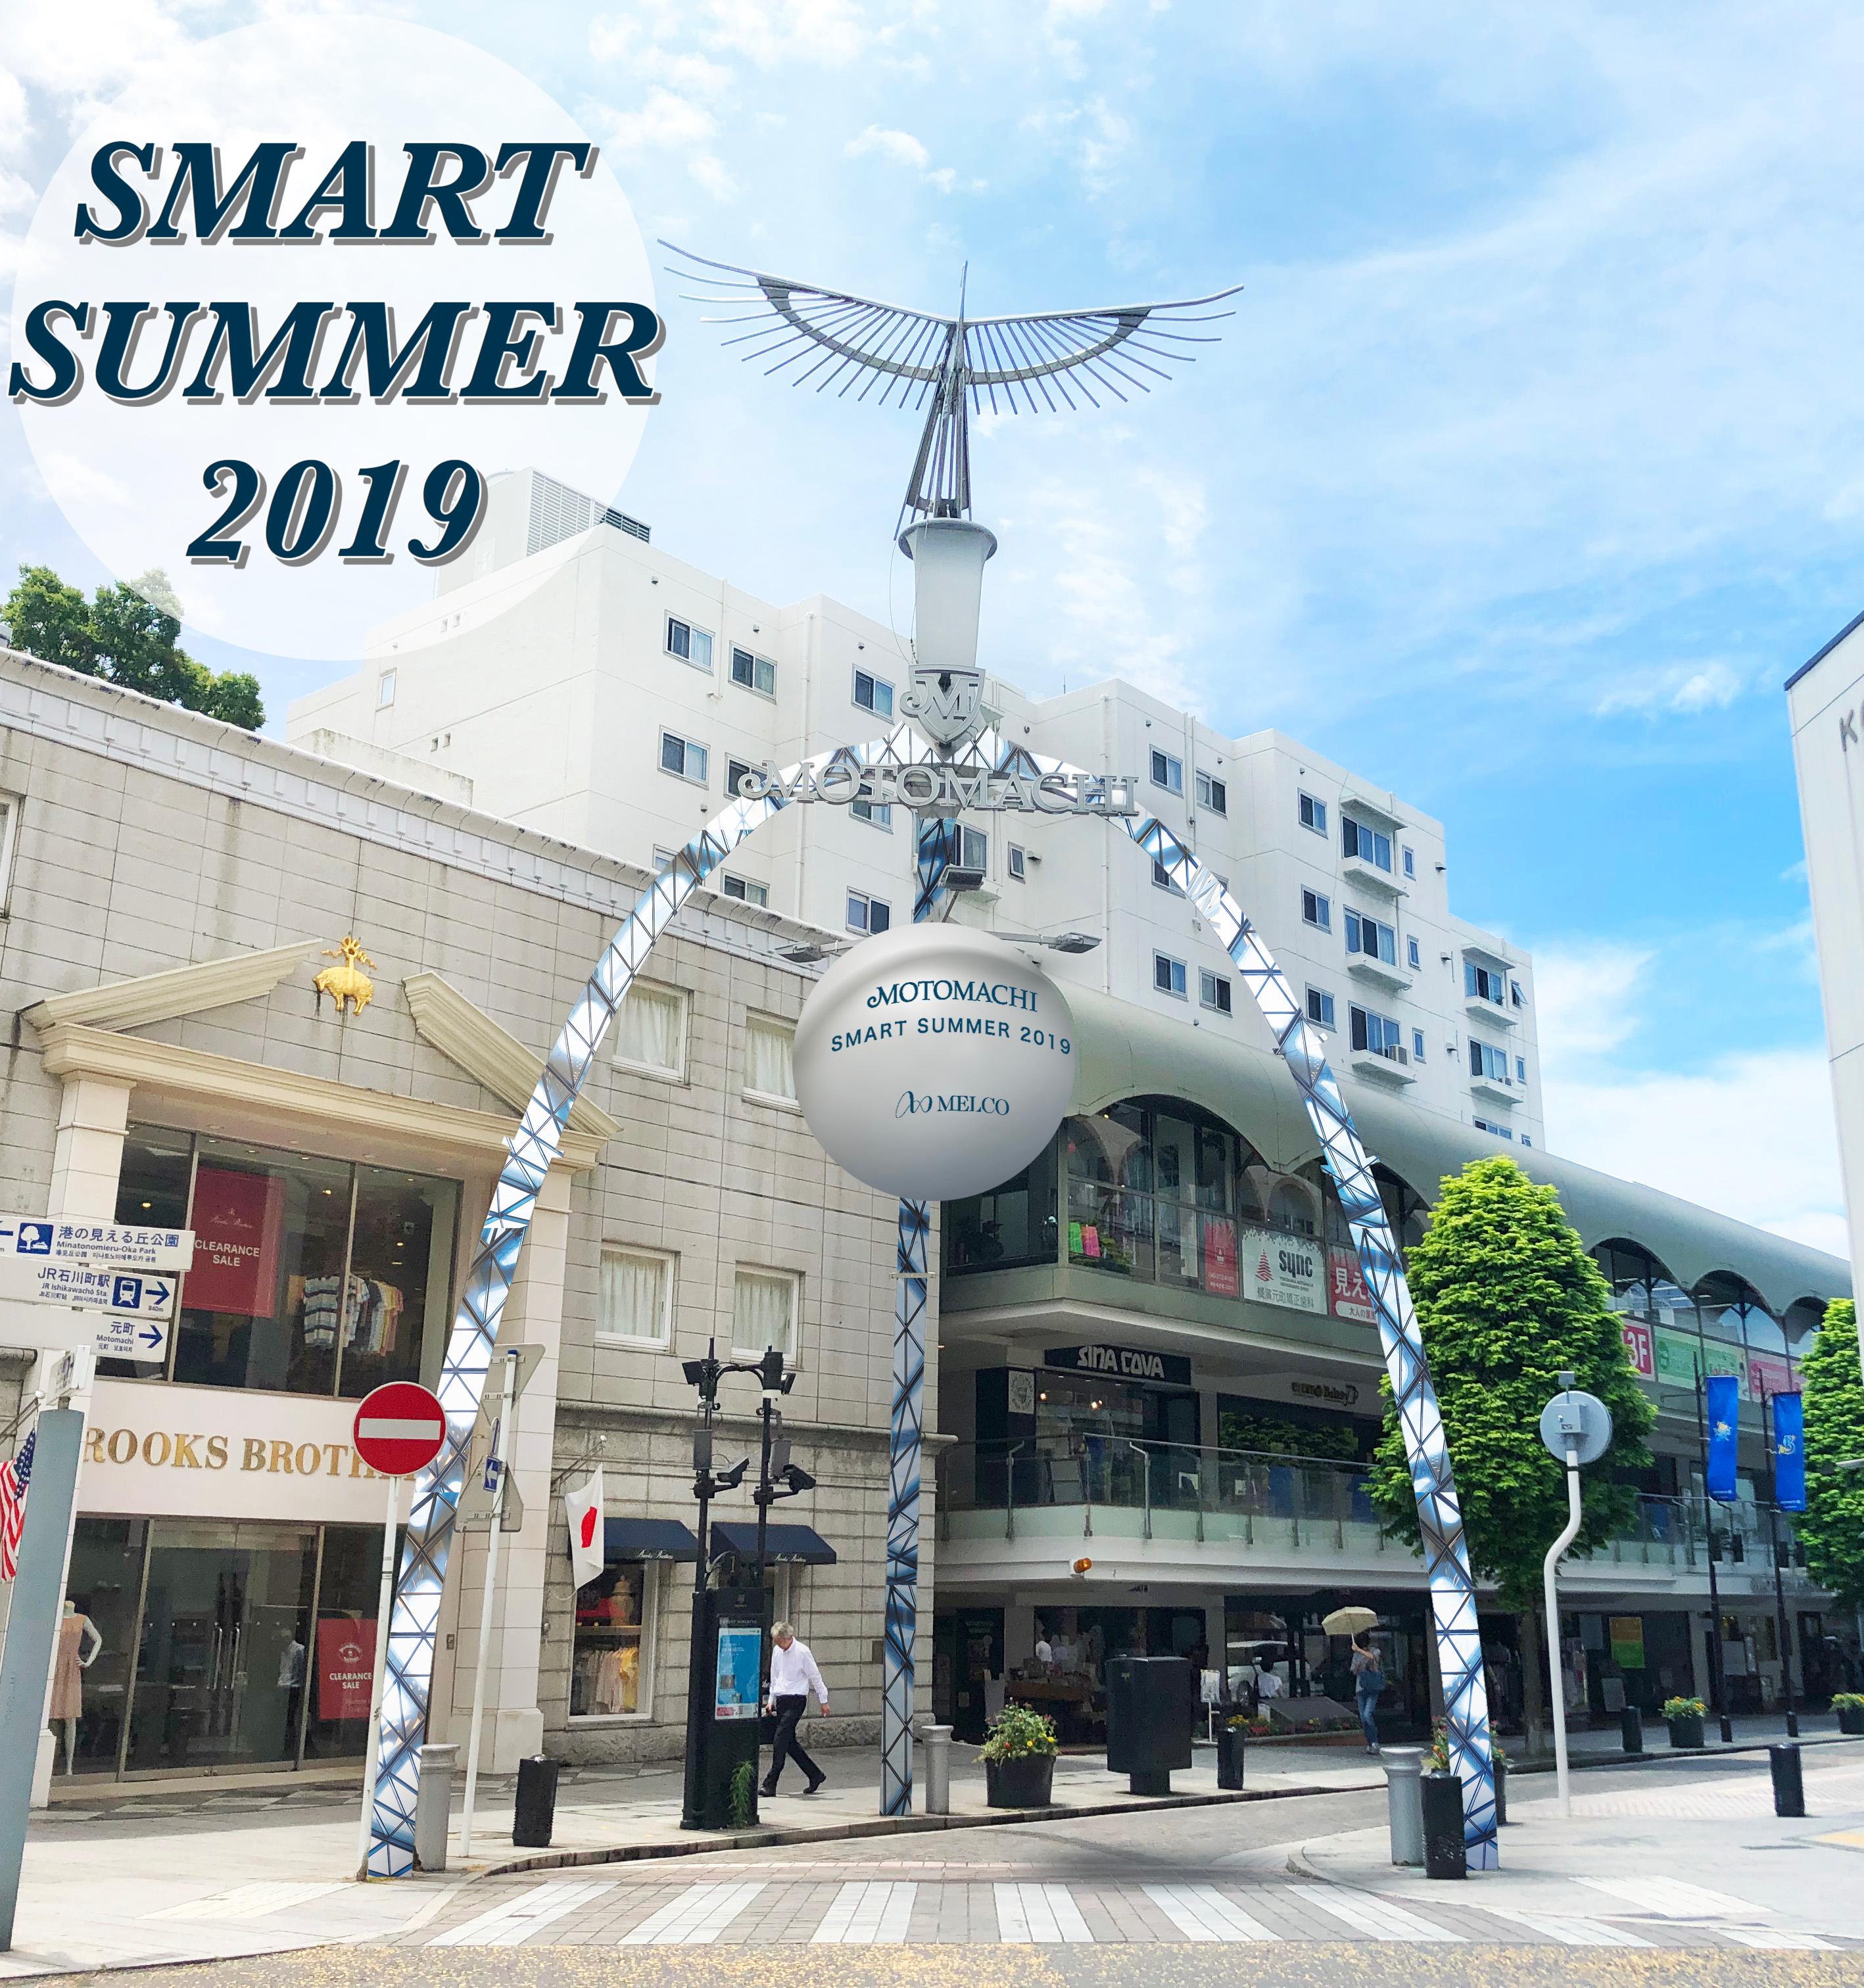 SMART SUMMER 2019